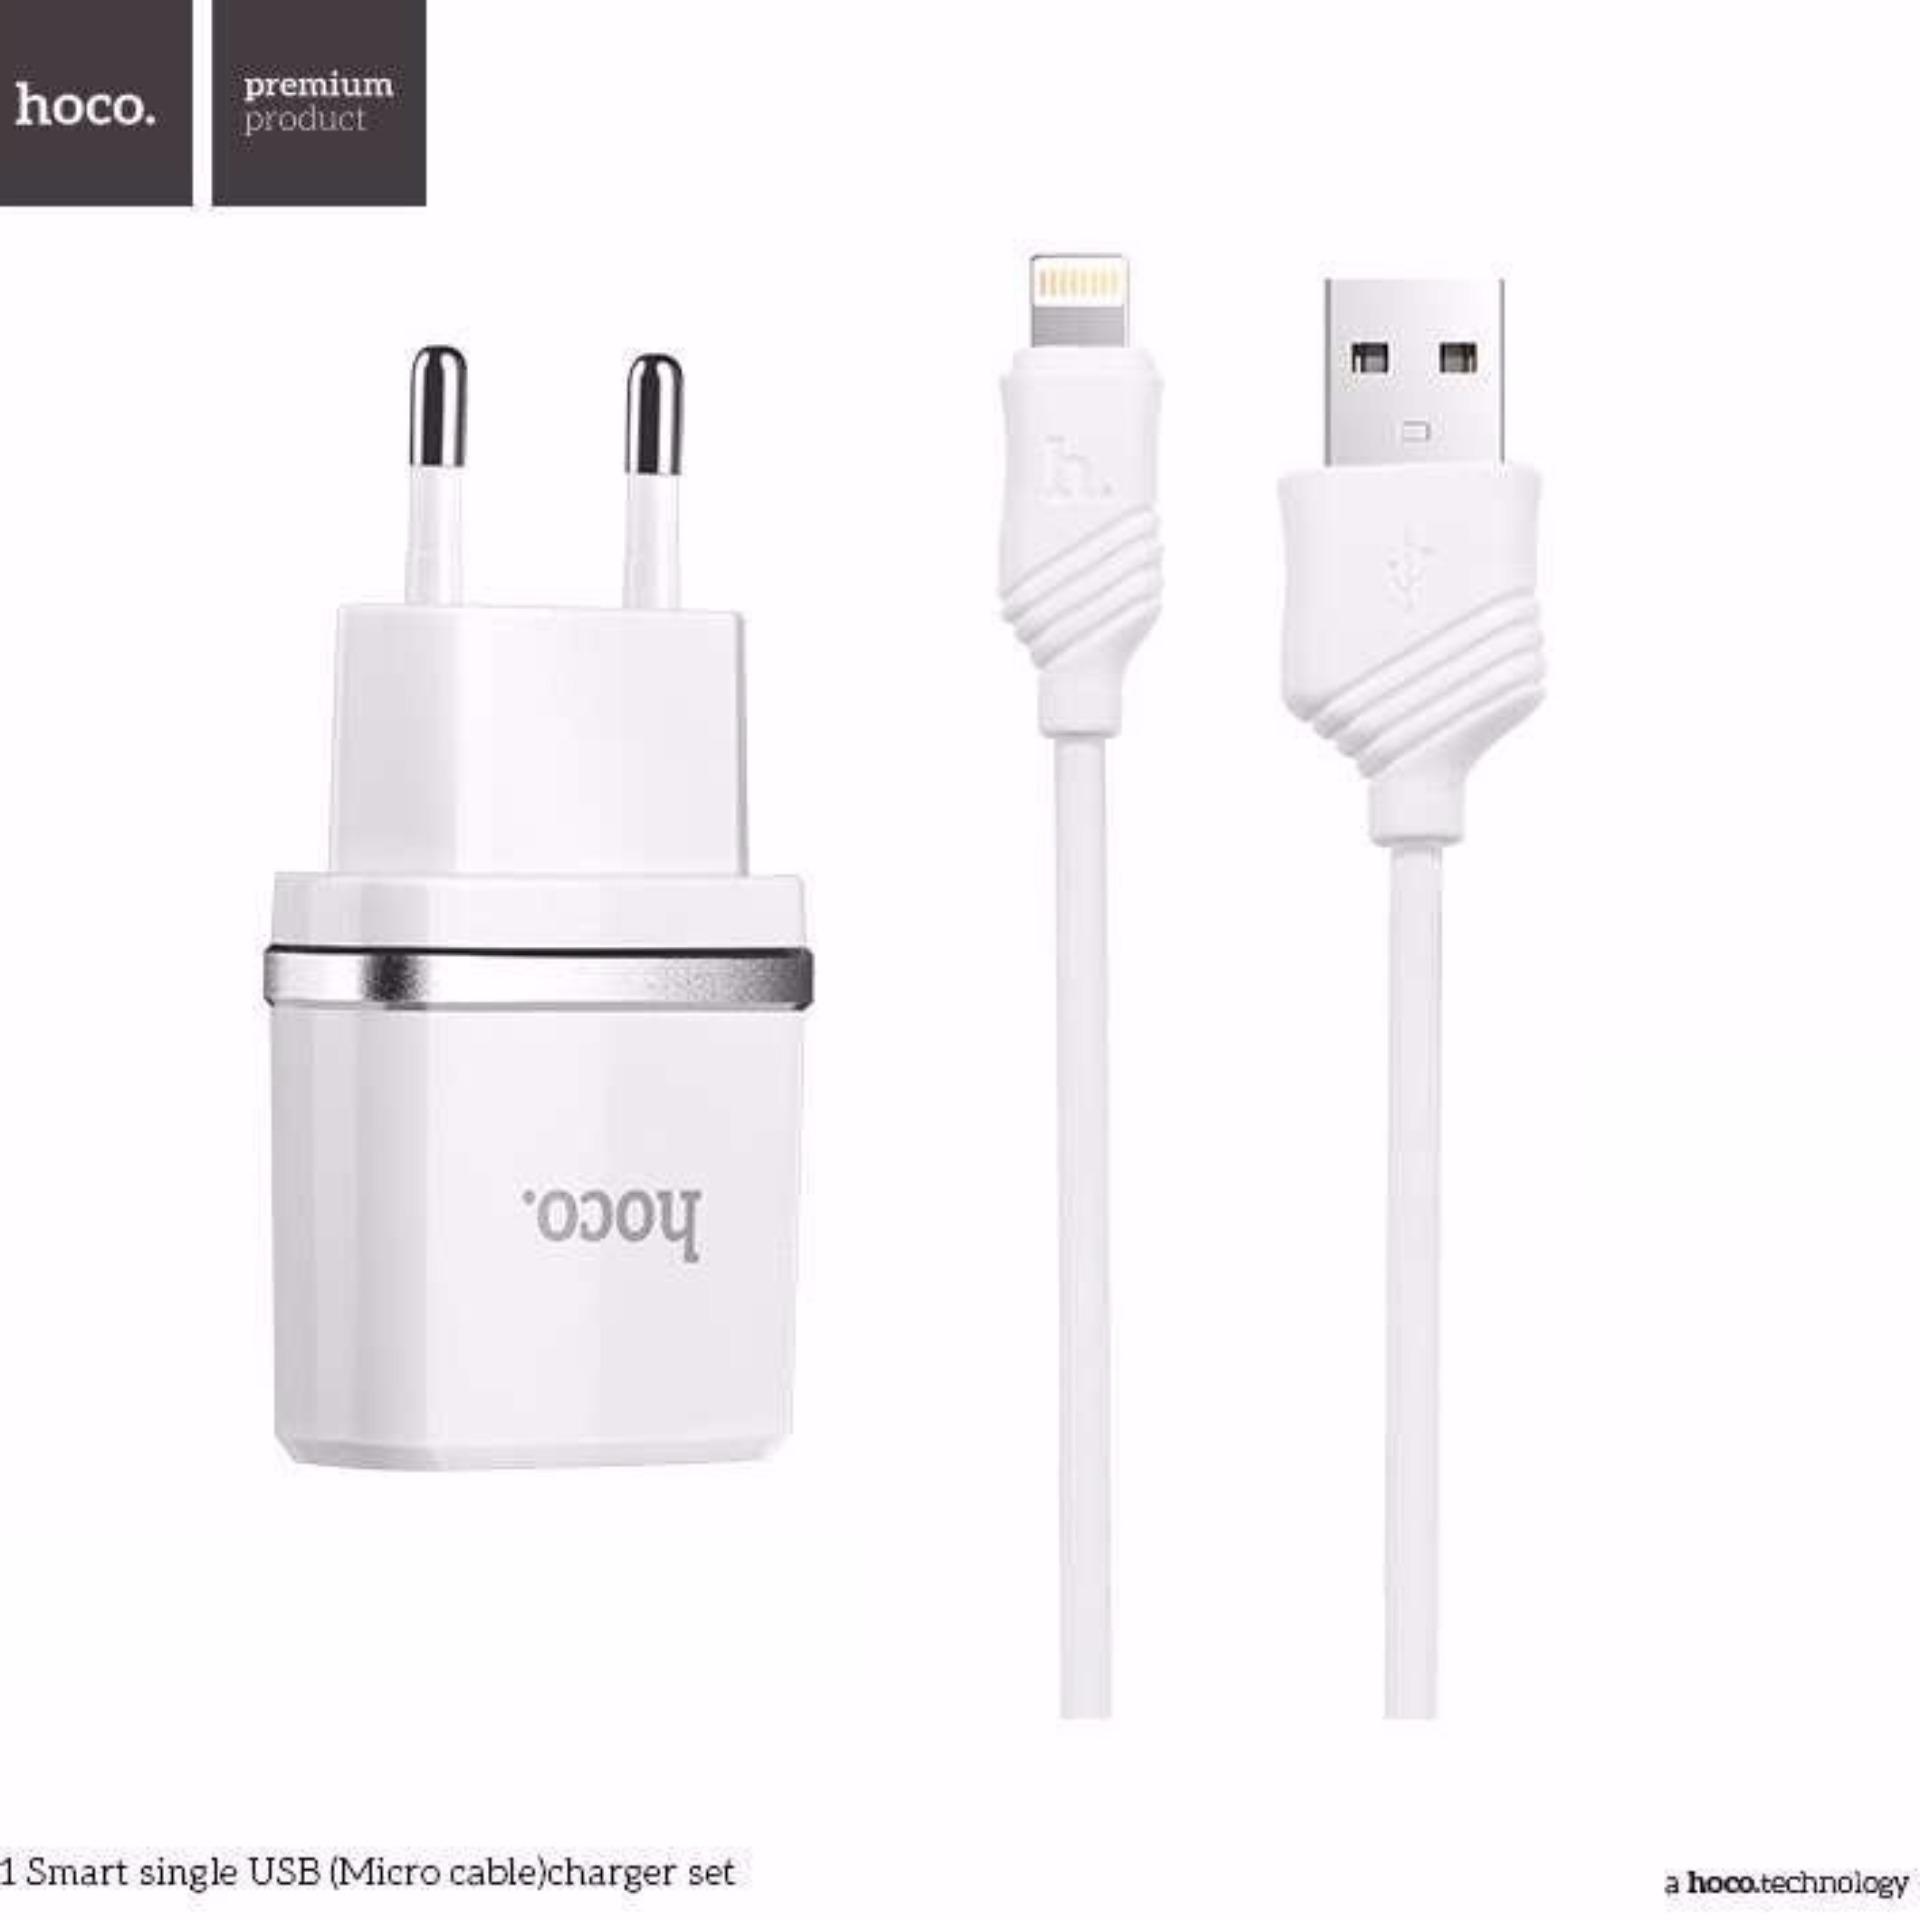 Bộ cáp và Cốc sạc cao cấp Hoco C11 (1.0A USB Output) – cổng Lightning cho Iphone, Ipad